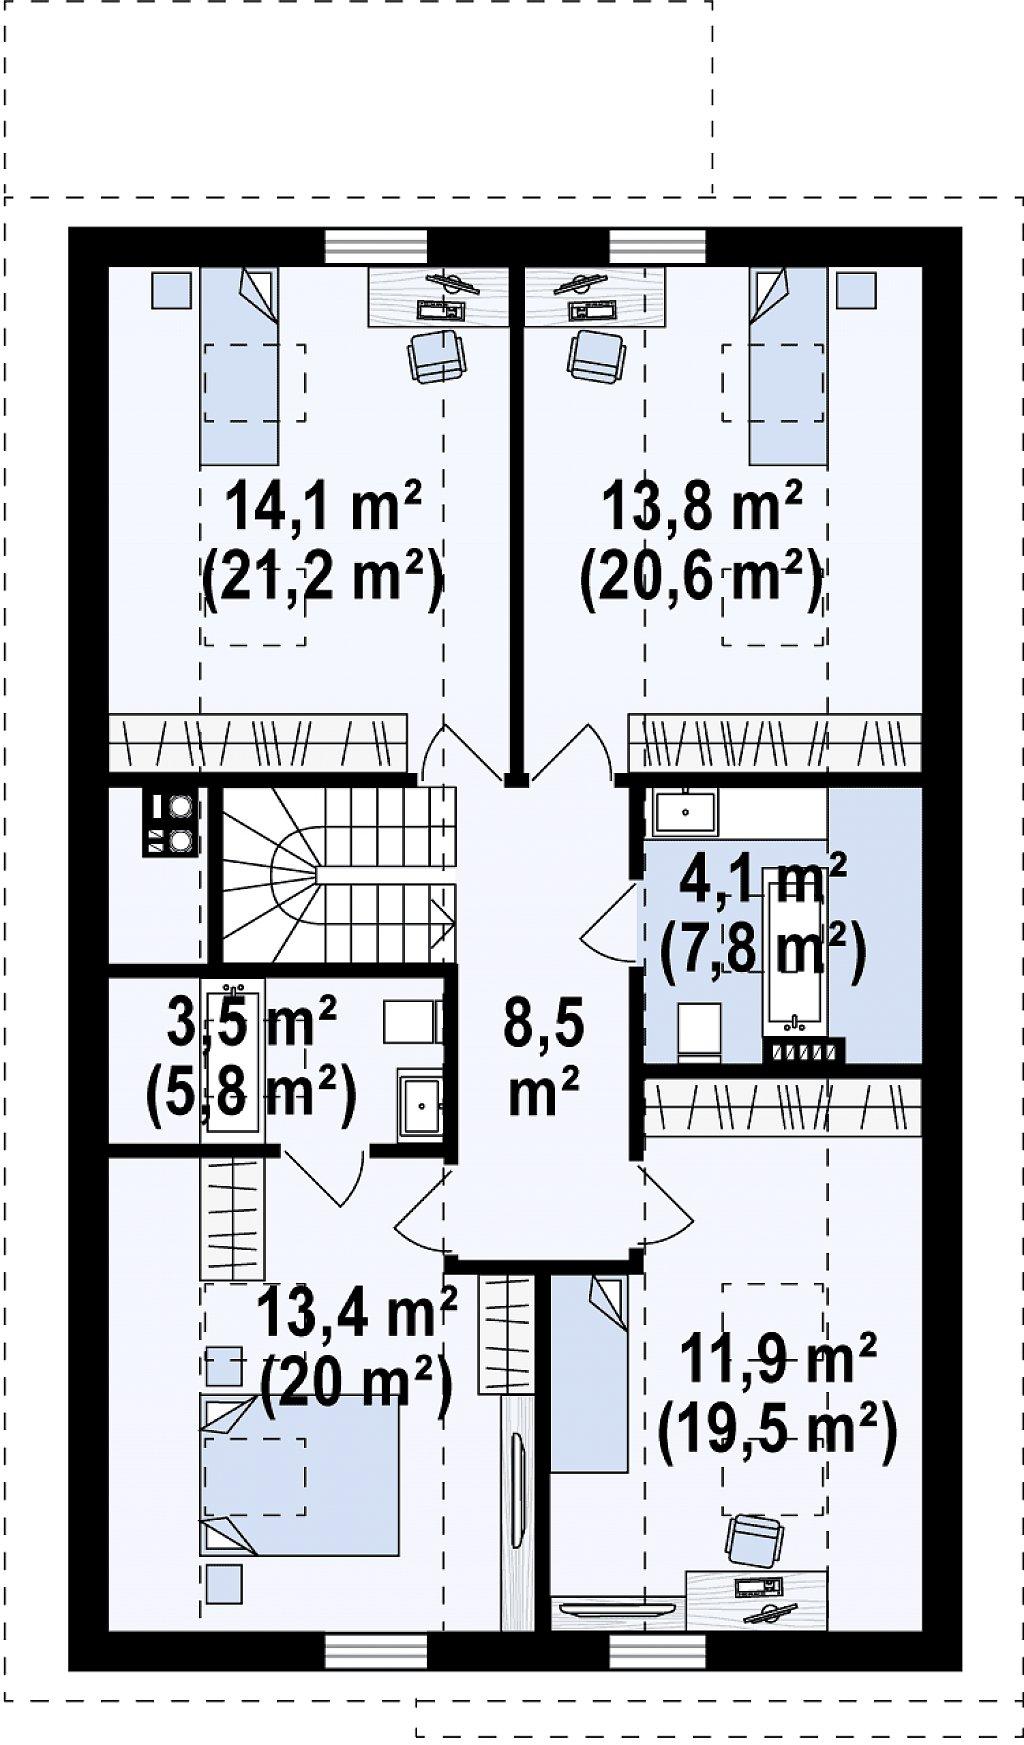 Проект классического мансардного дома с монохромным дизайном экстерьера план помещений 2